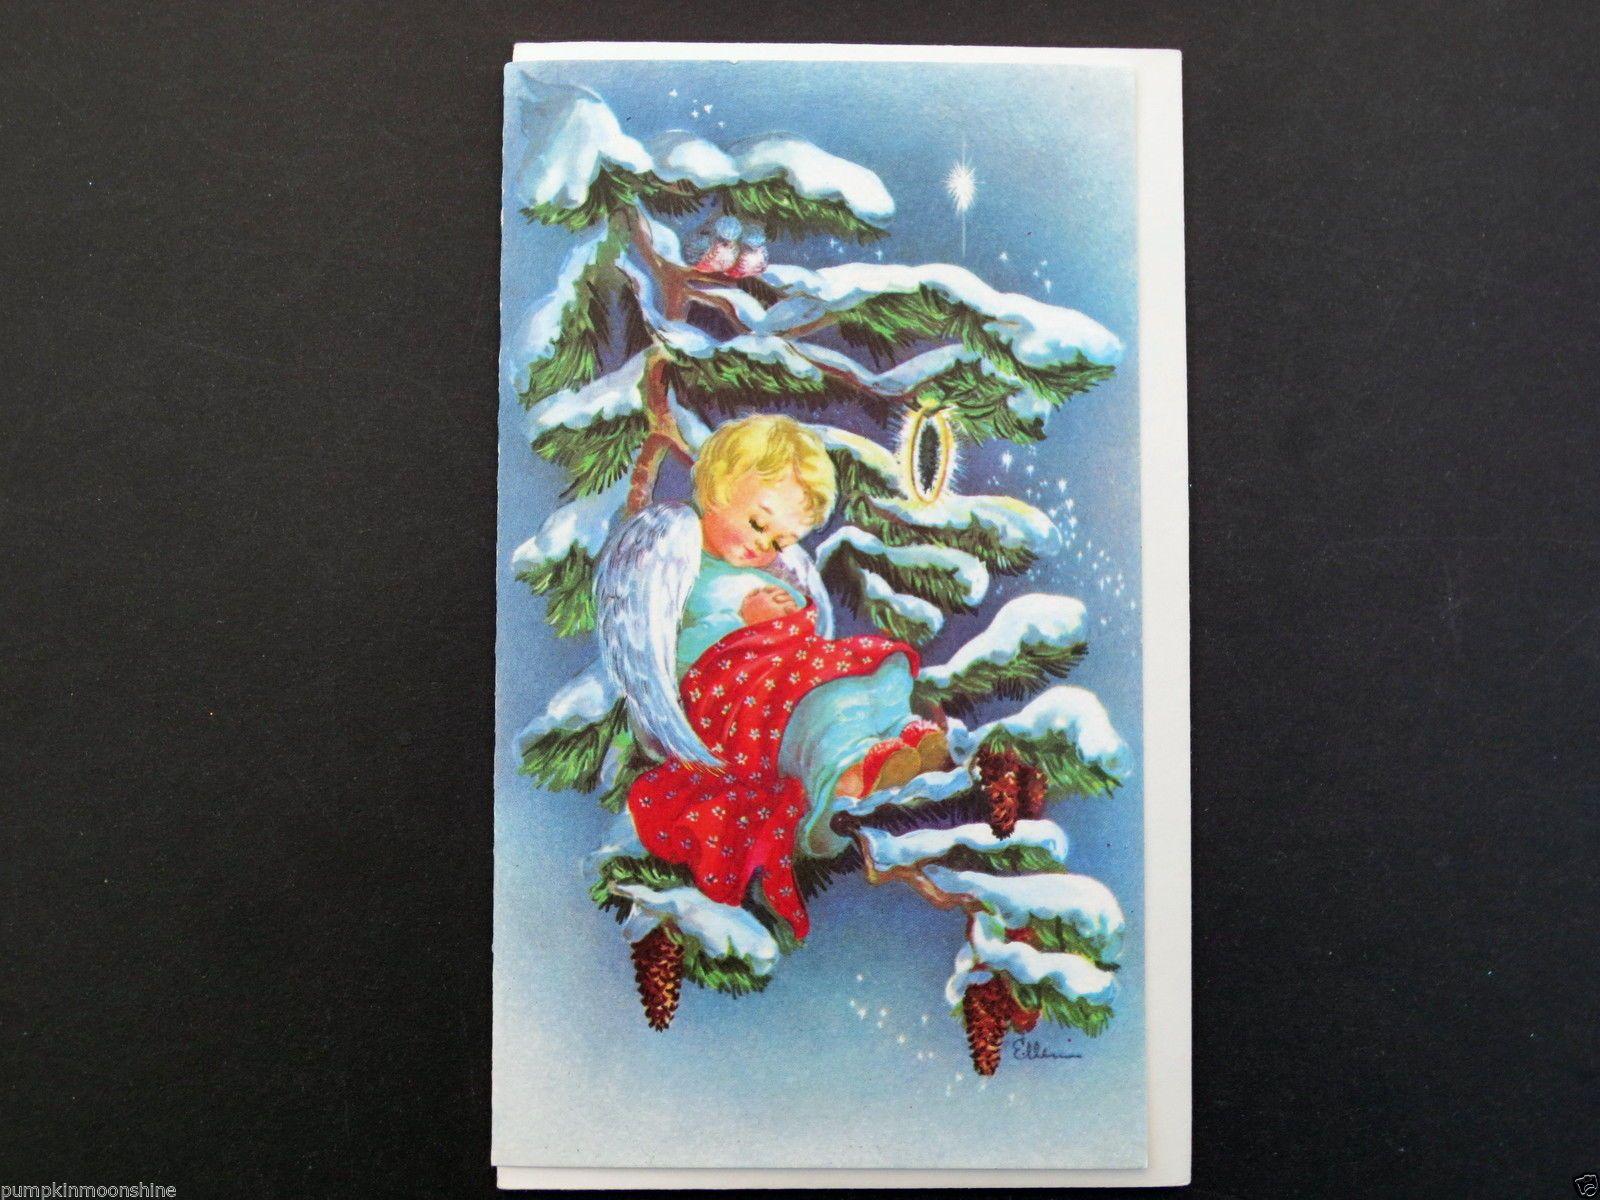 Vintage unused red farm studio xmas greeting card sweet angel vintage unused red farm studio xmas greeting card sweet angel sleeping on branch kristyandbryce Images